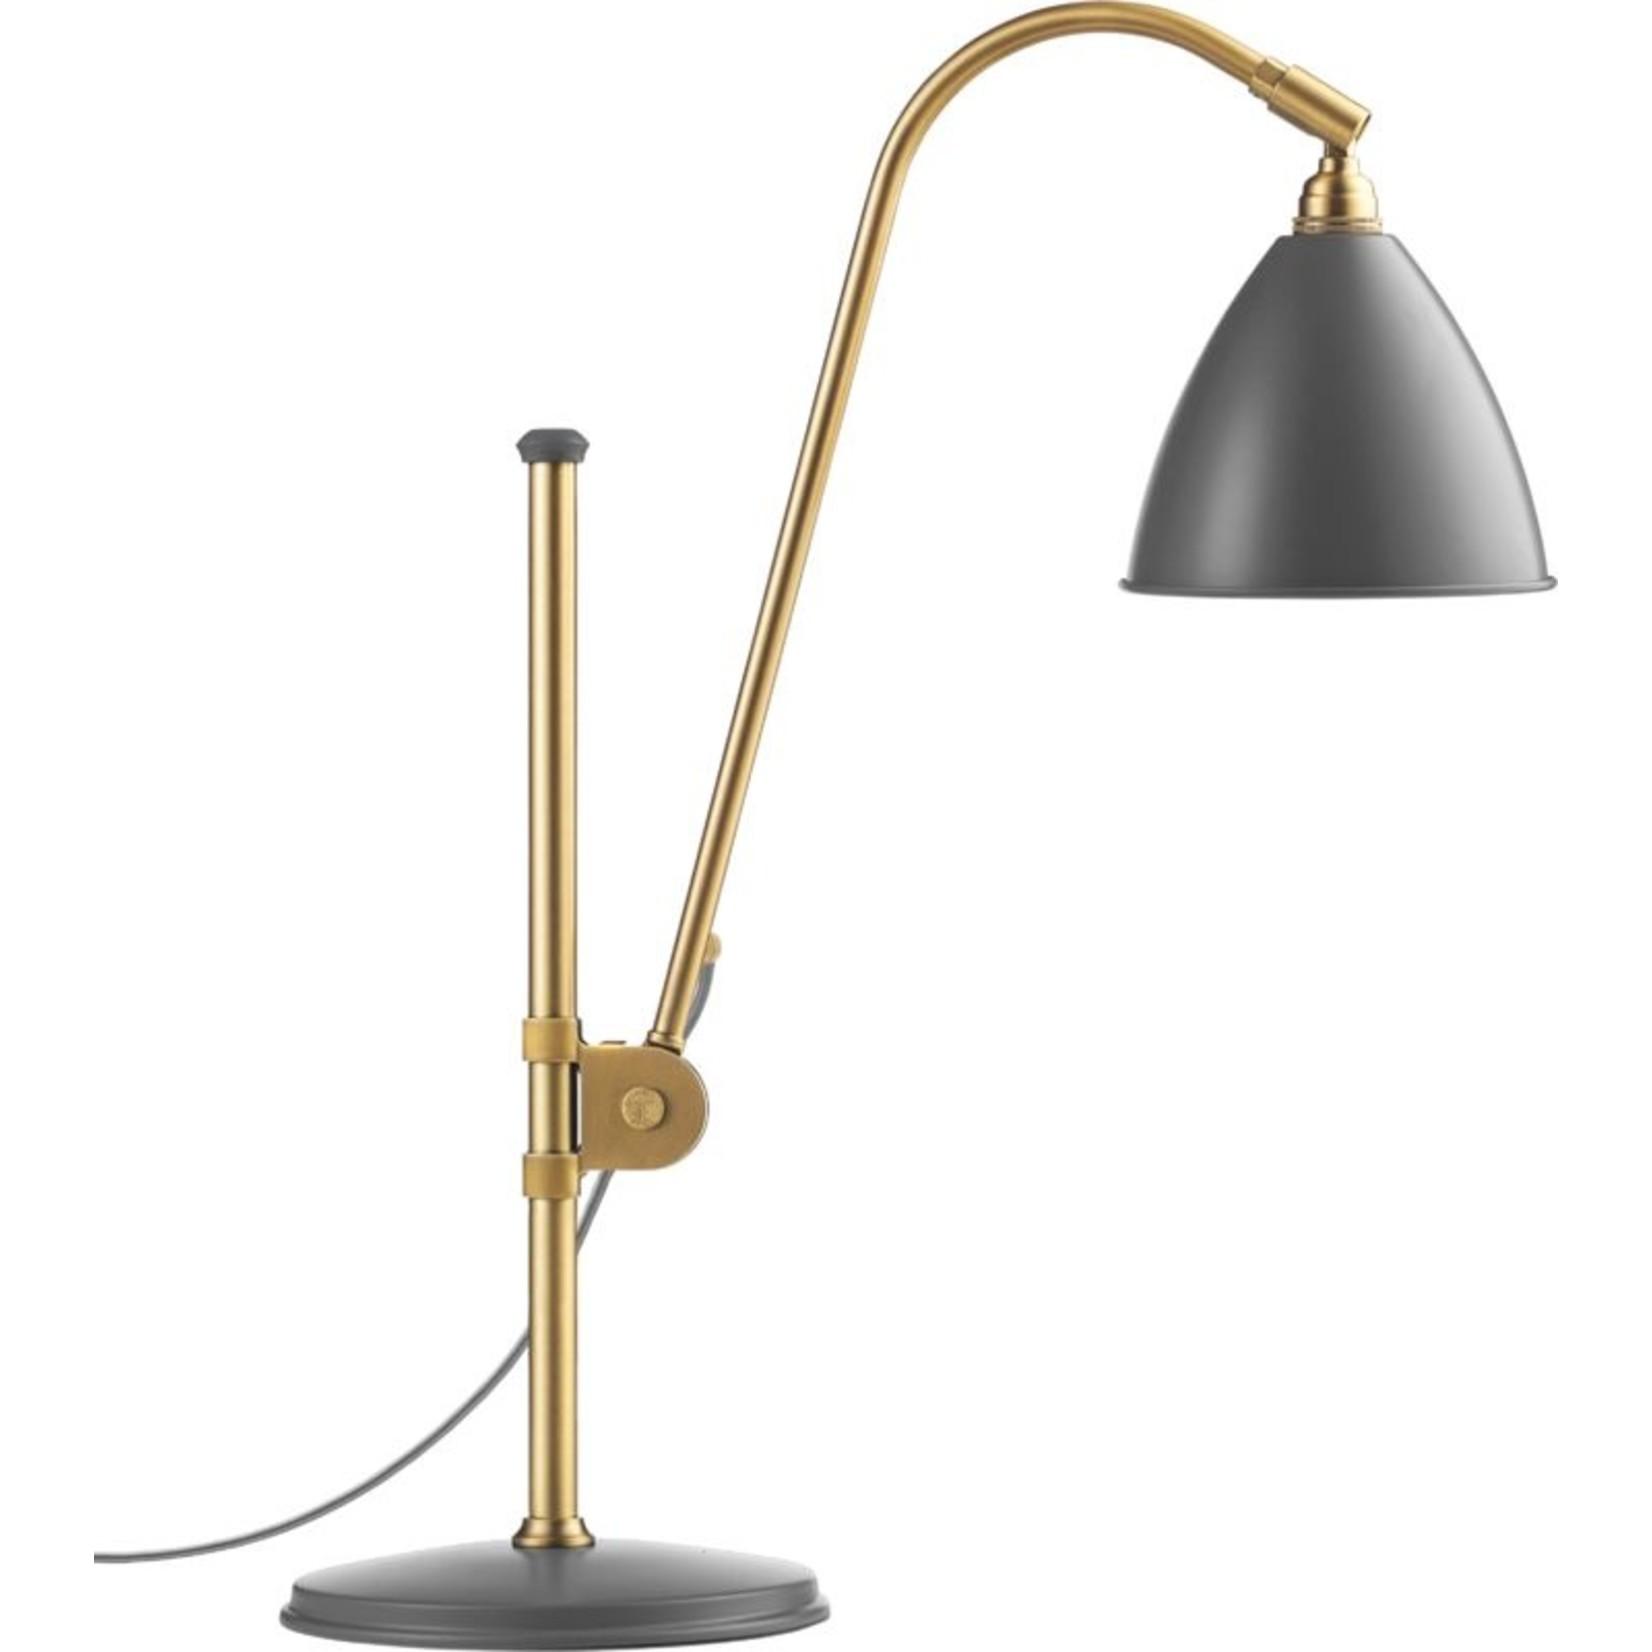 Gubi BL1 Table Lamp - Ø16 | Brass Base & Gray Semi Matt Shade